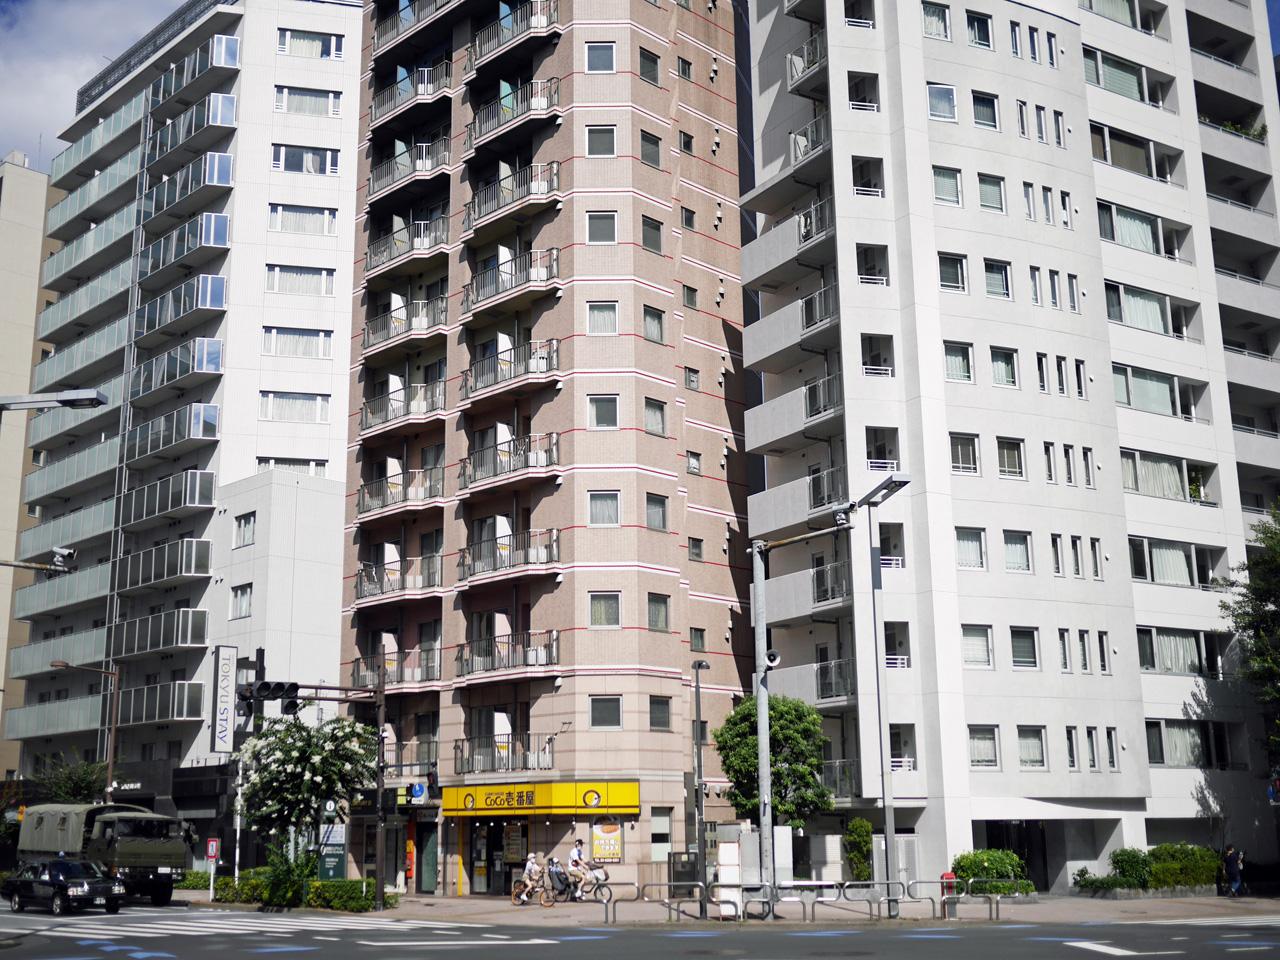 スタジオゼロ新宿社屋があった場所